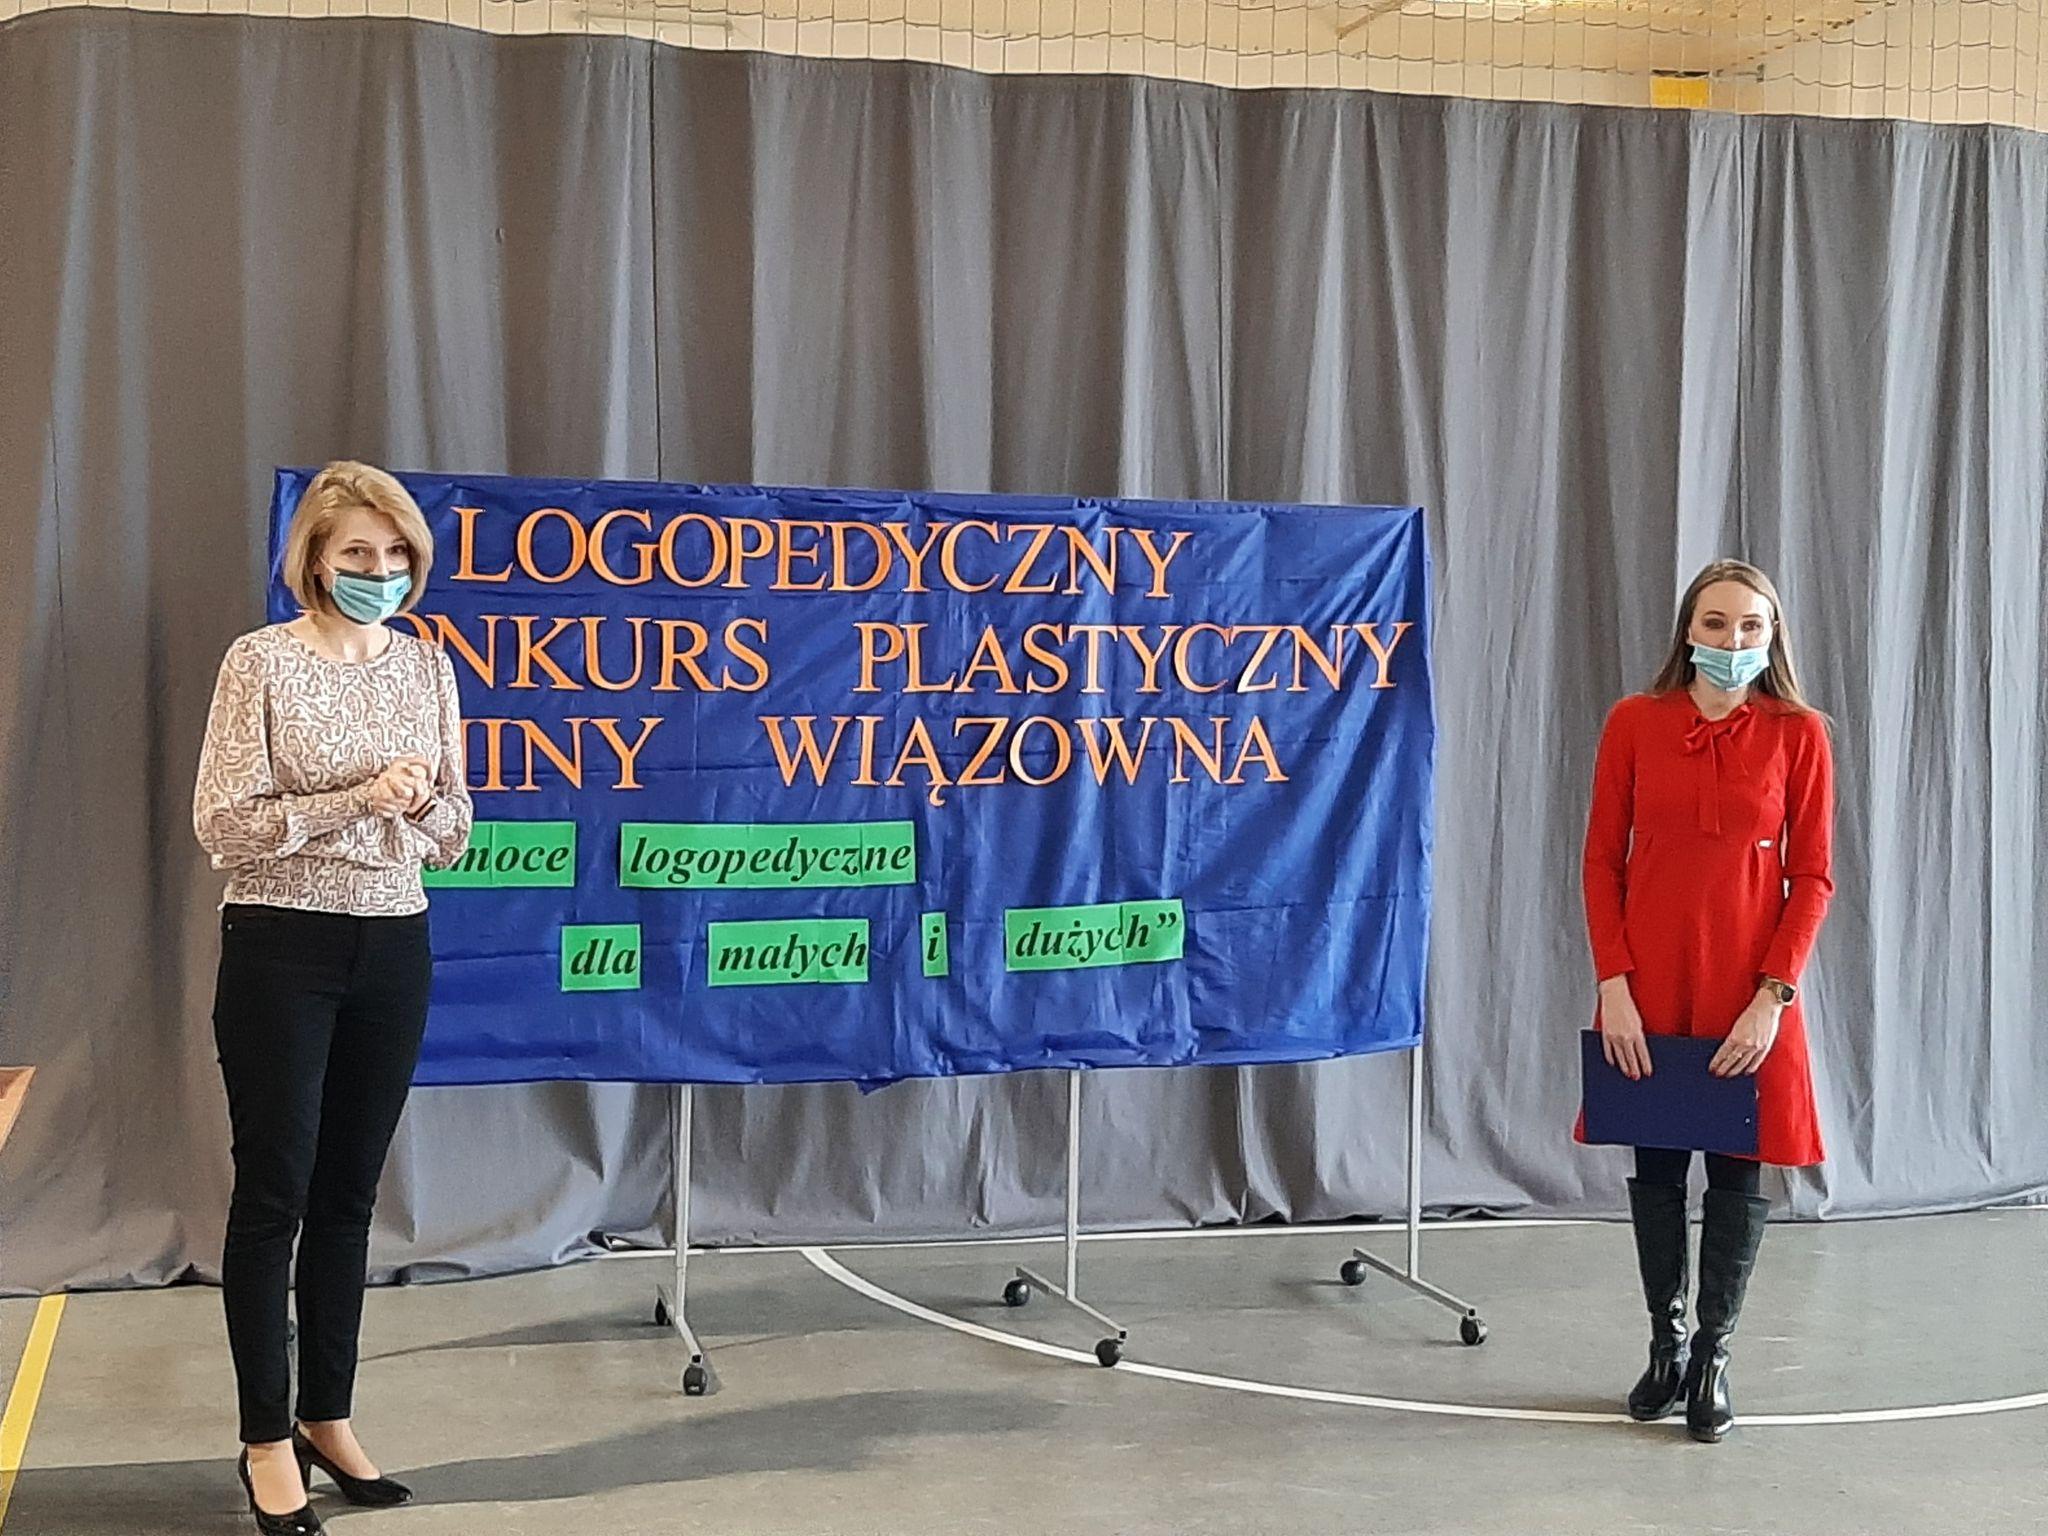 Tablica z napisem II Konkurs Logopedyczno-Plastyczny Gminy Wiązowna. Organizatorki konkursu